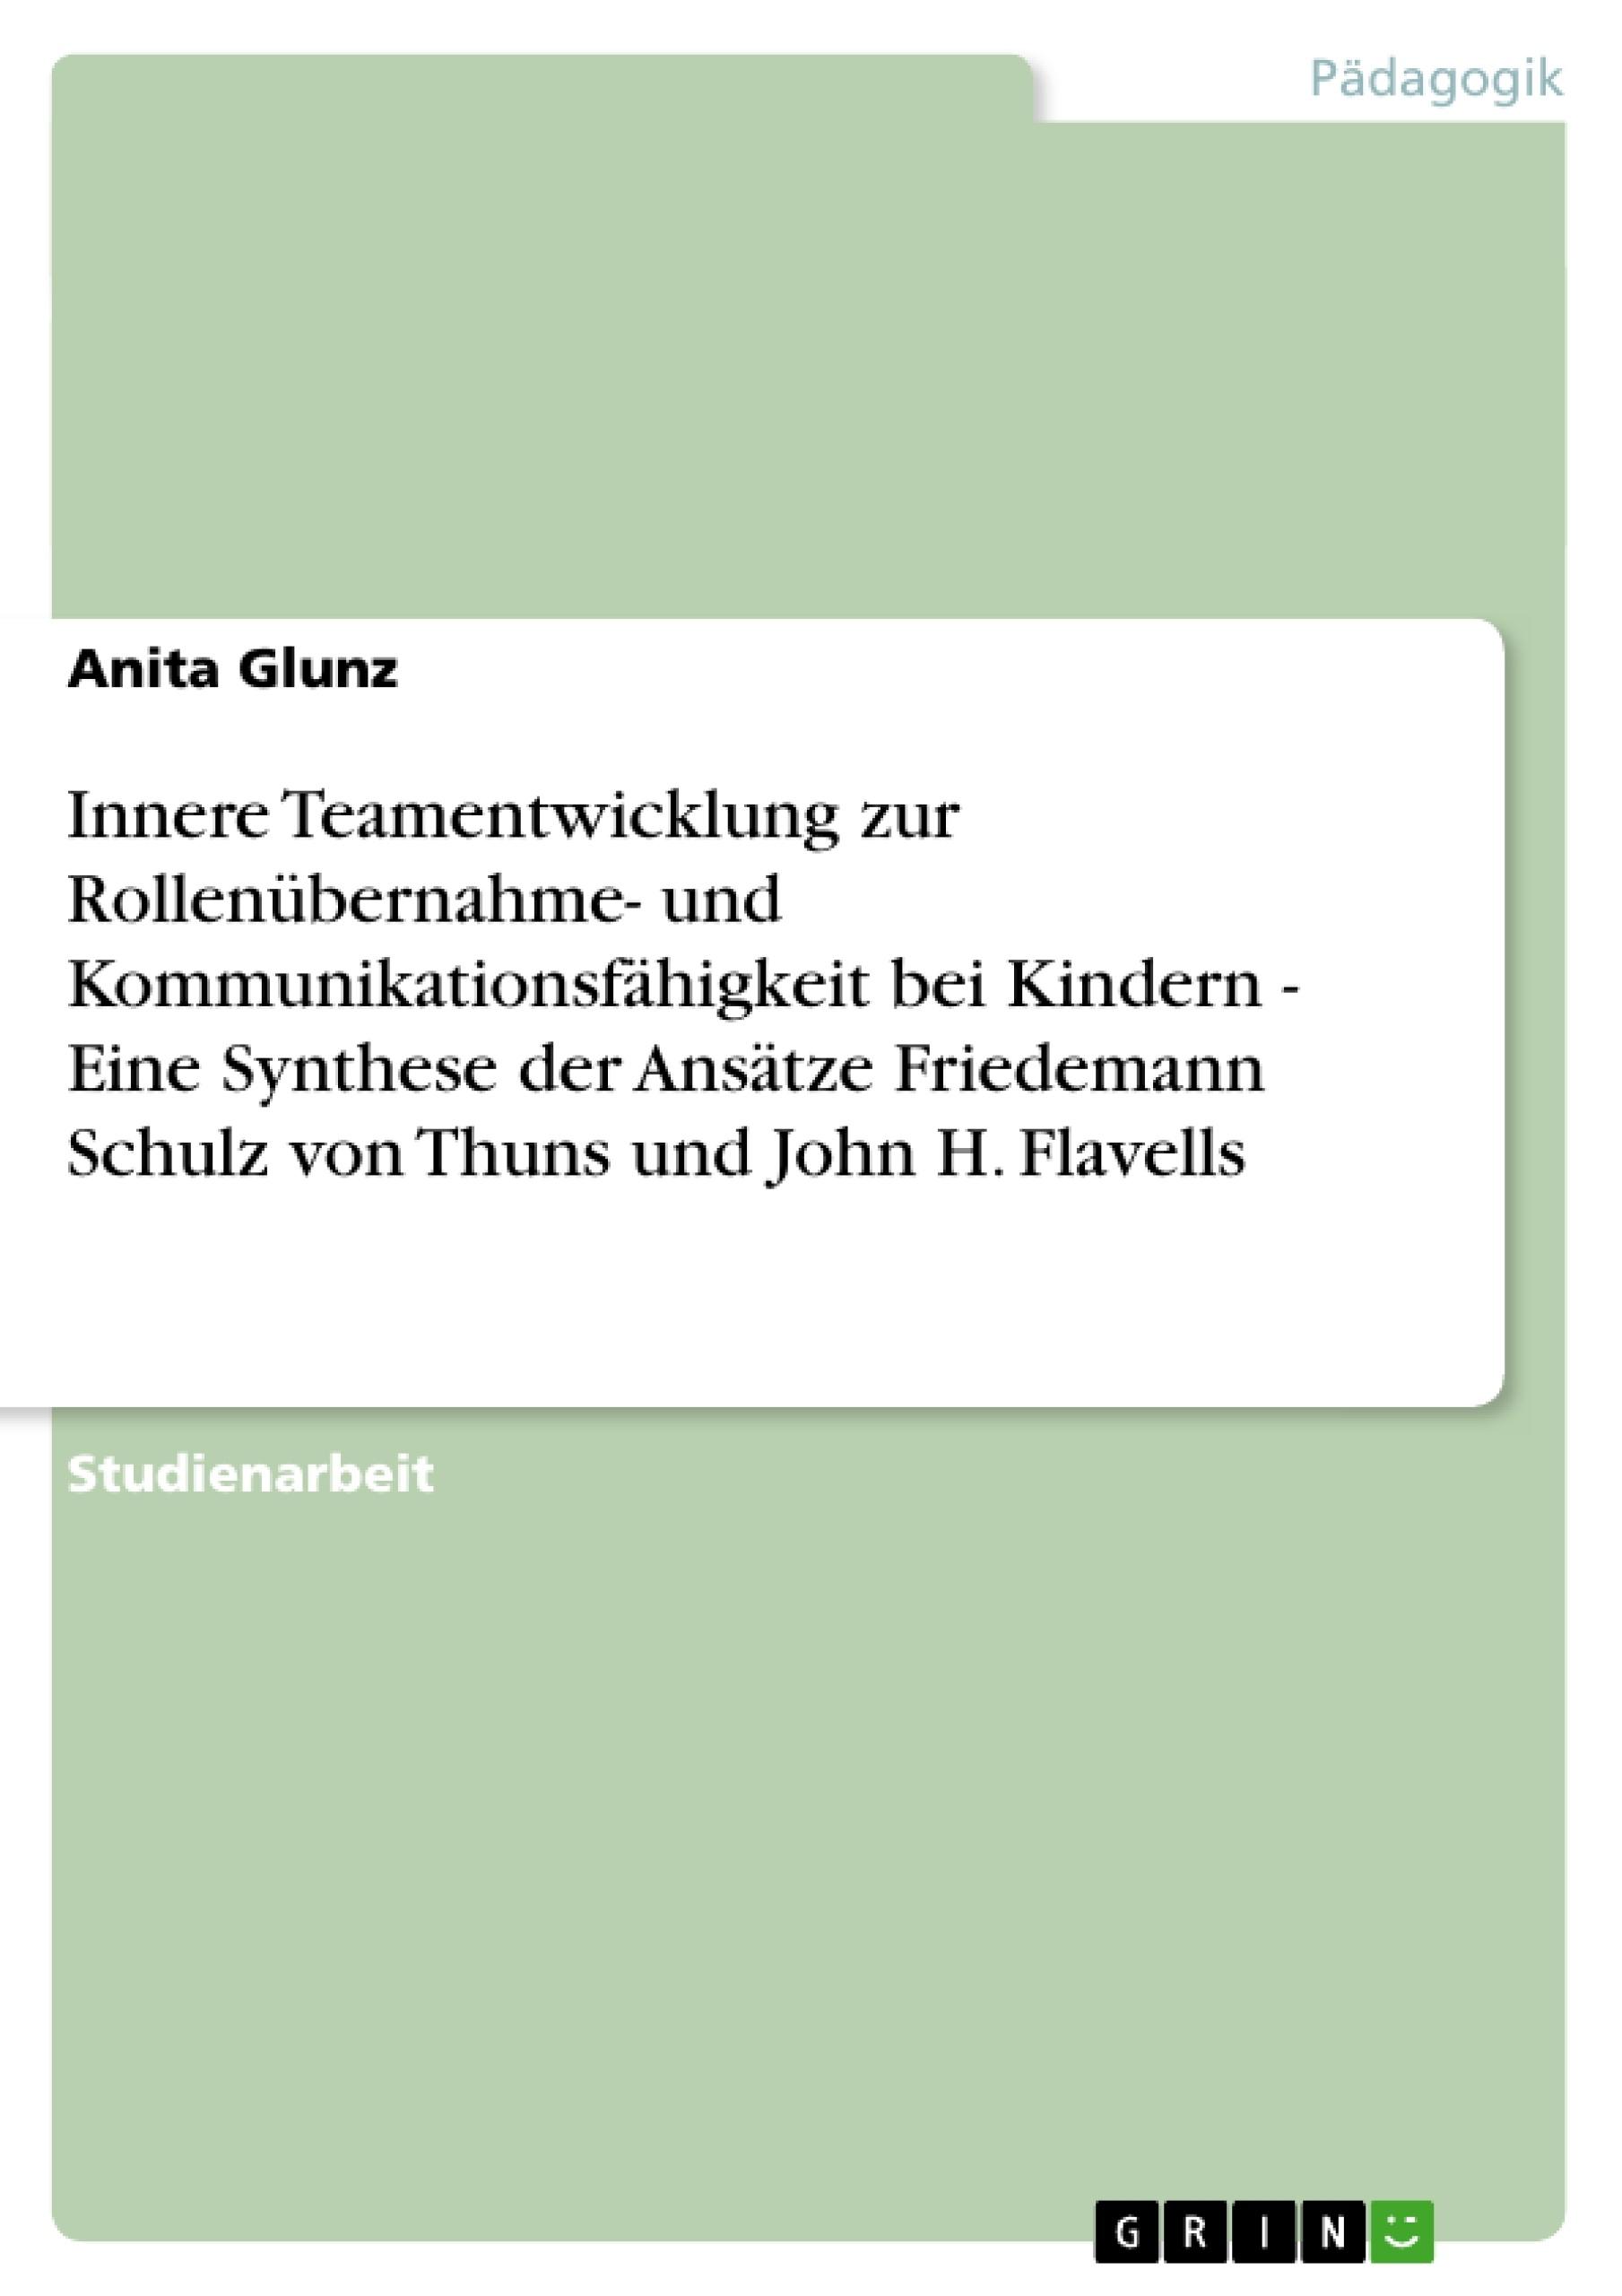 Titel: Innere Teamentwicklung zur Rollenübernahme- und Kommunikationsfähigkeit bei Kindern - Eine Synthese der Ansätze Friedemann Schulz von Thuns und John H. Flavells